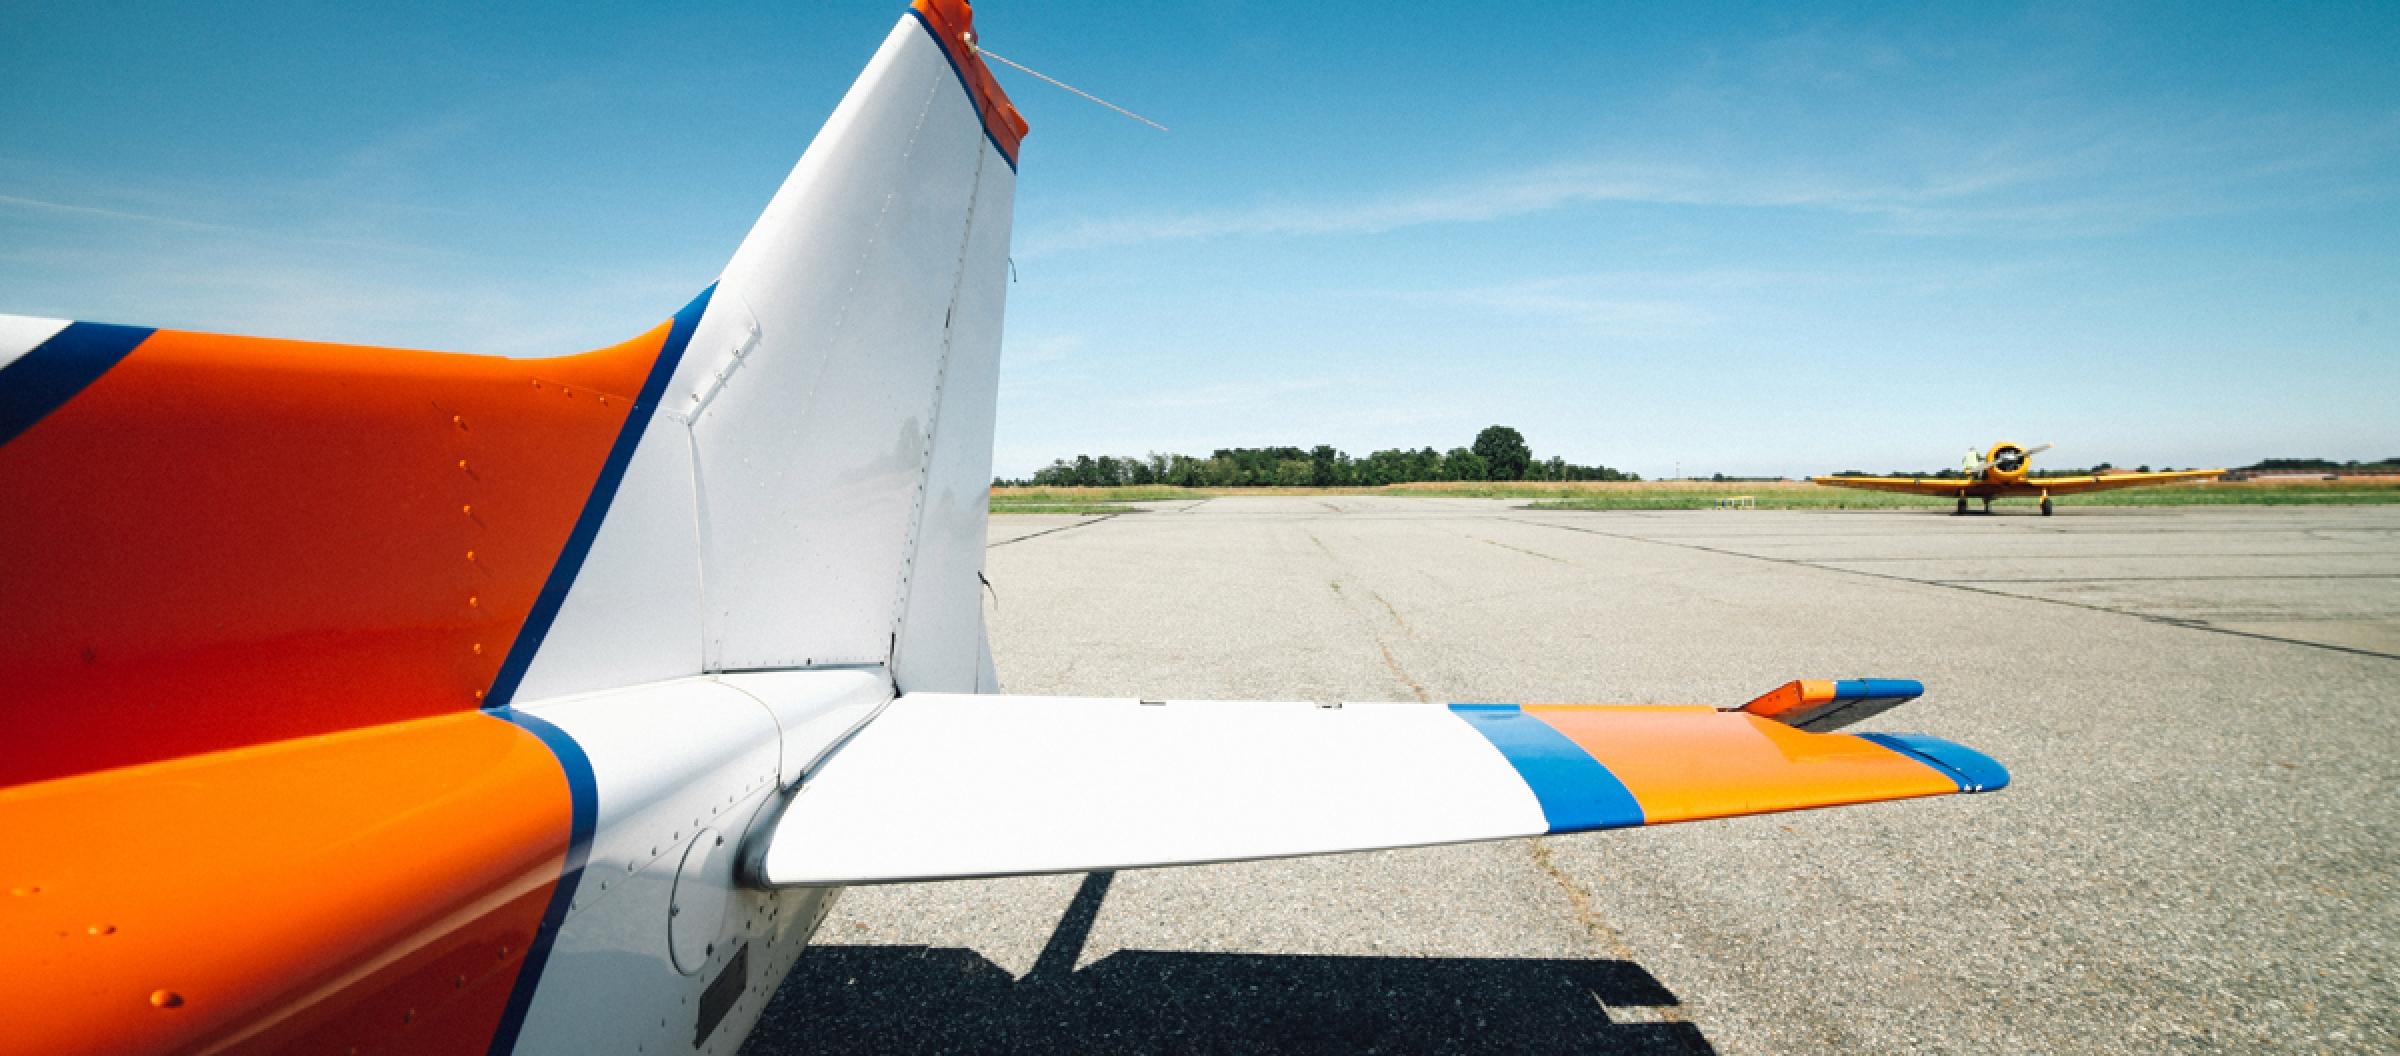 Mobility Aerospaziale